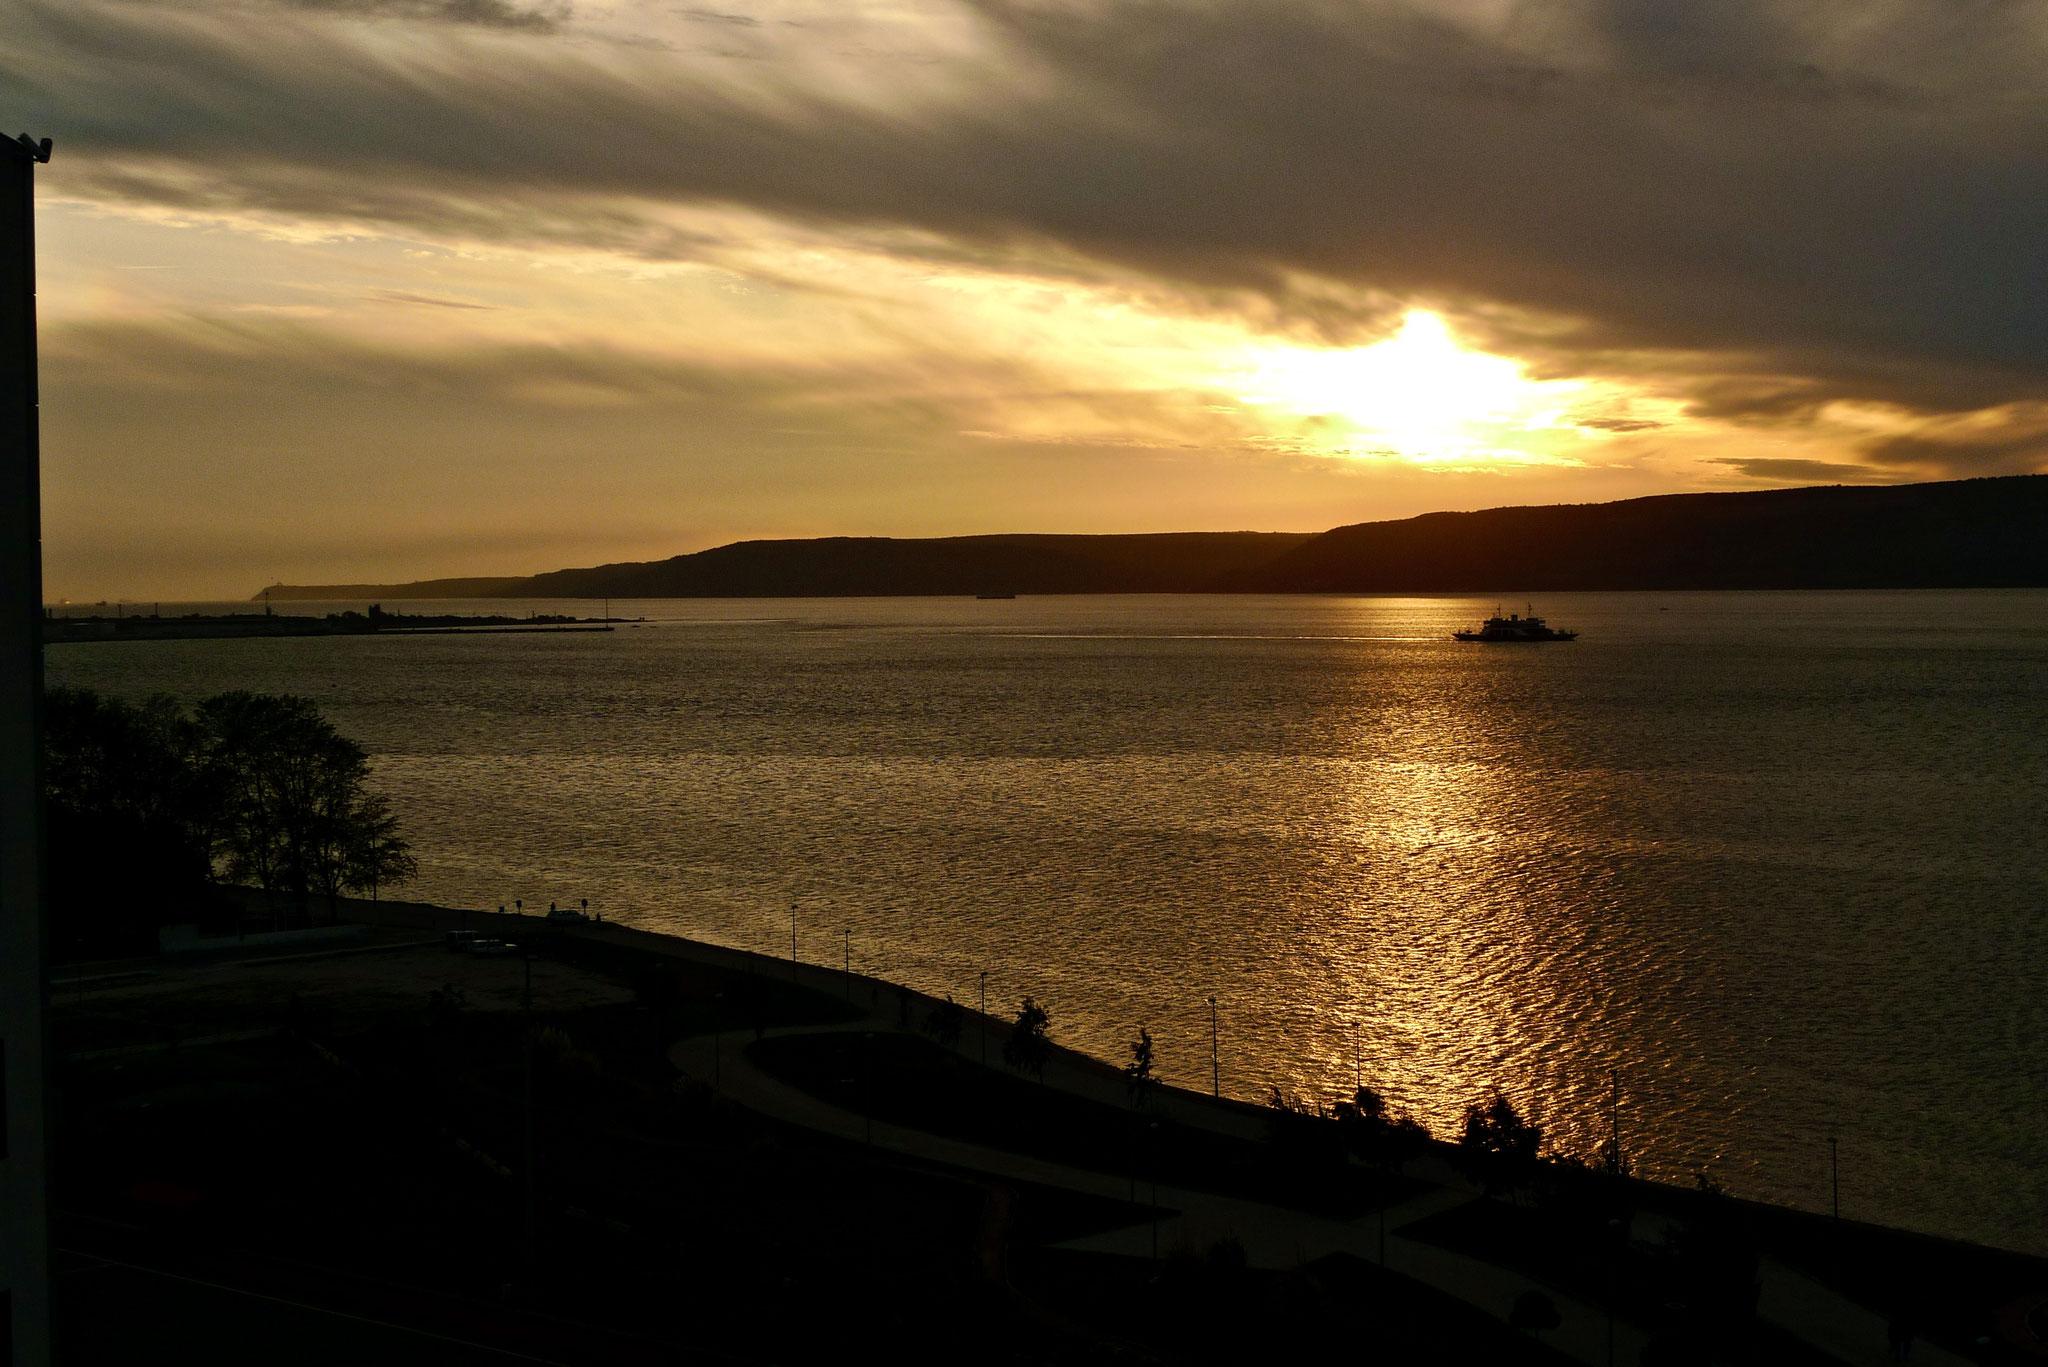 Kuşadasi sunset, day 2